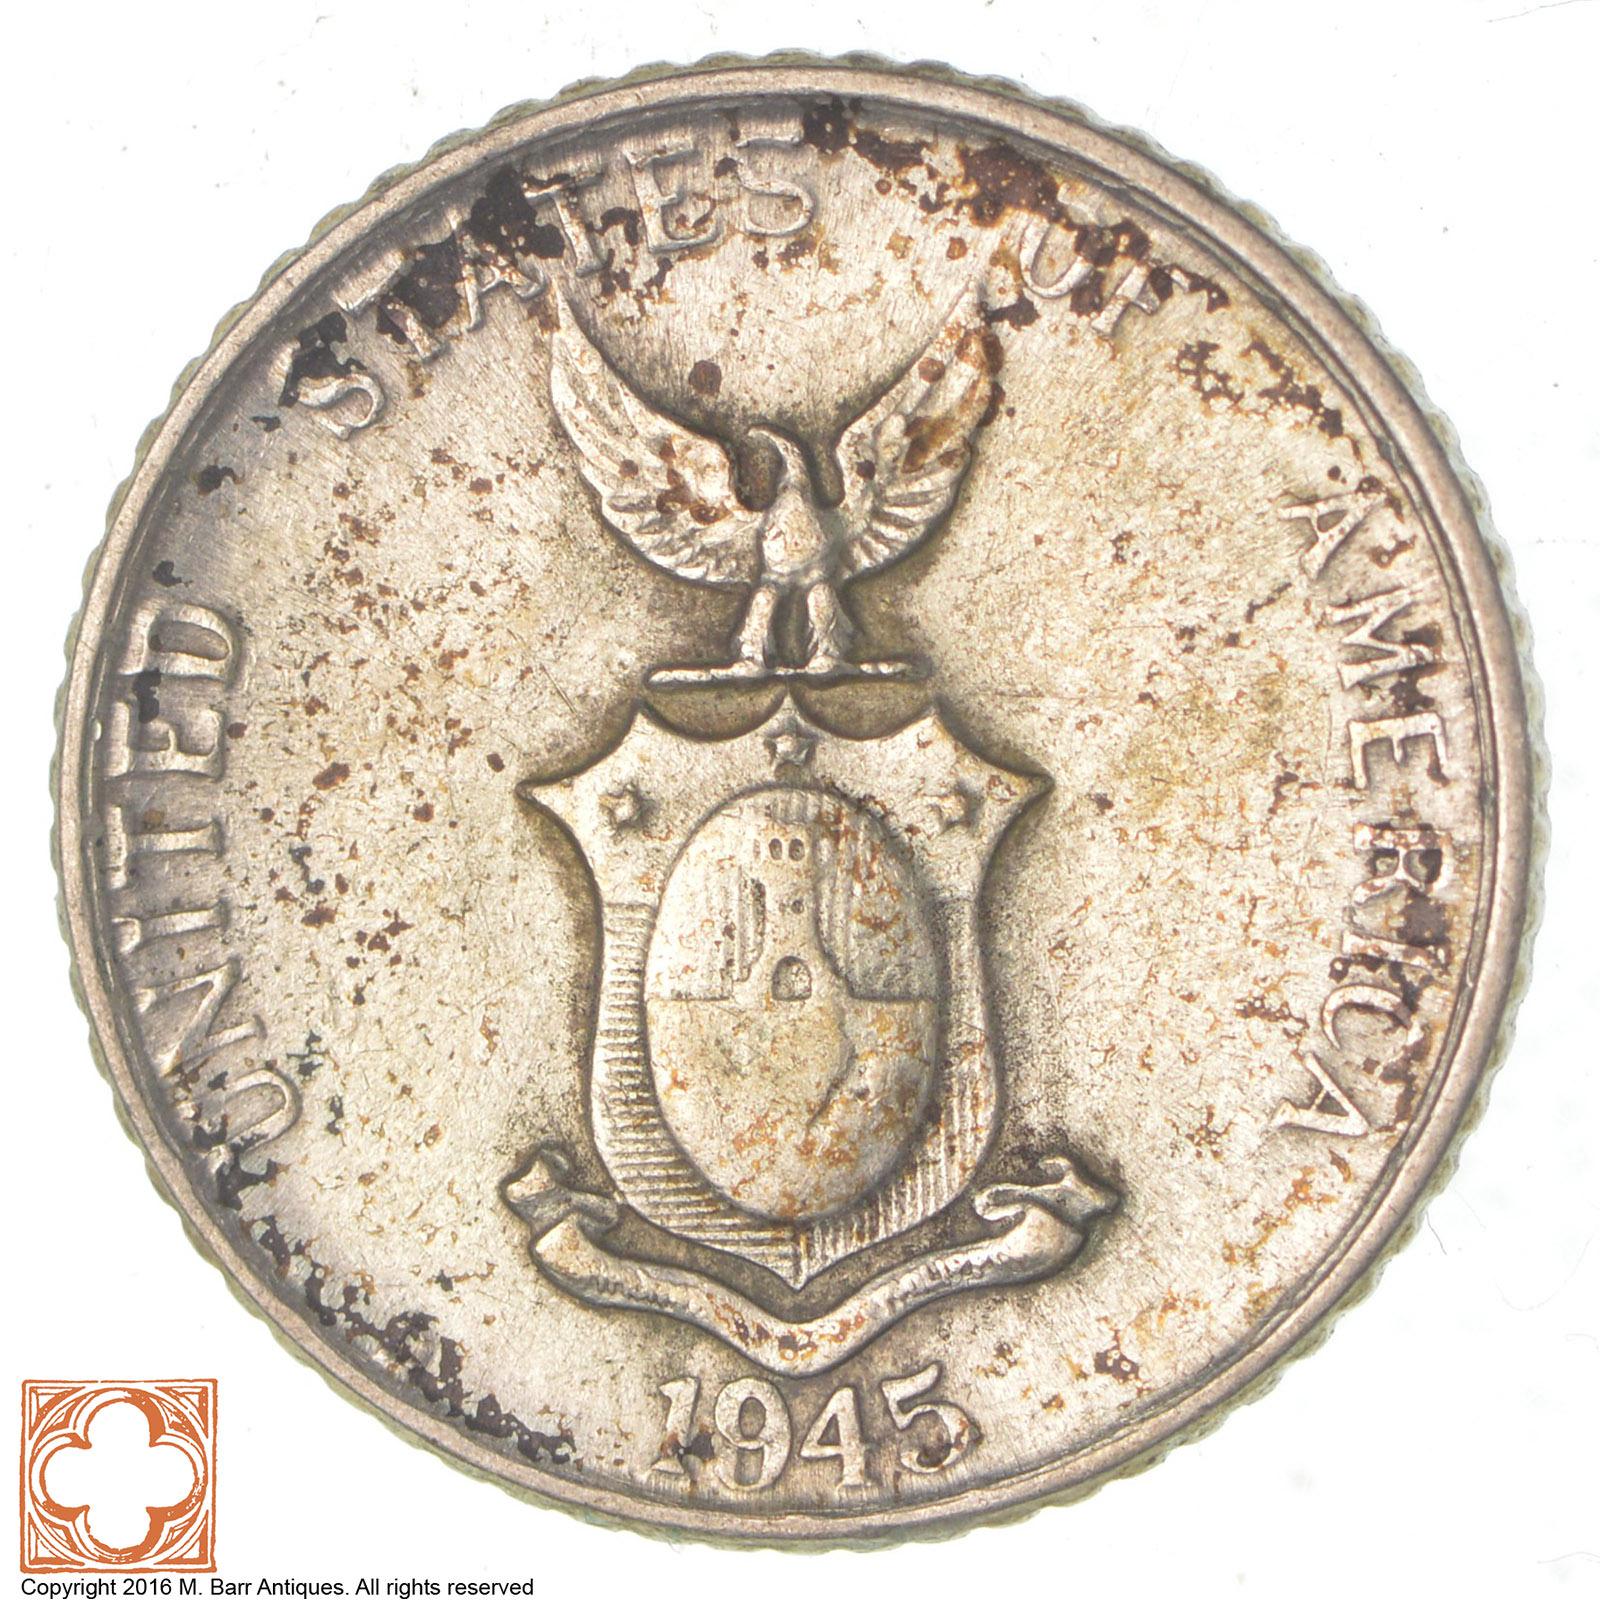 1945 coin